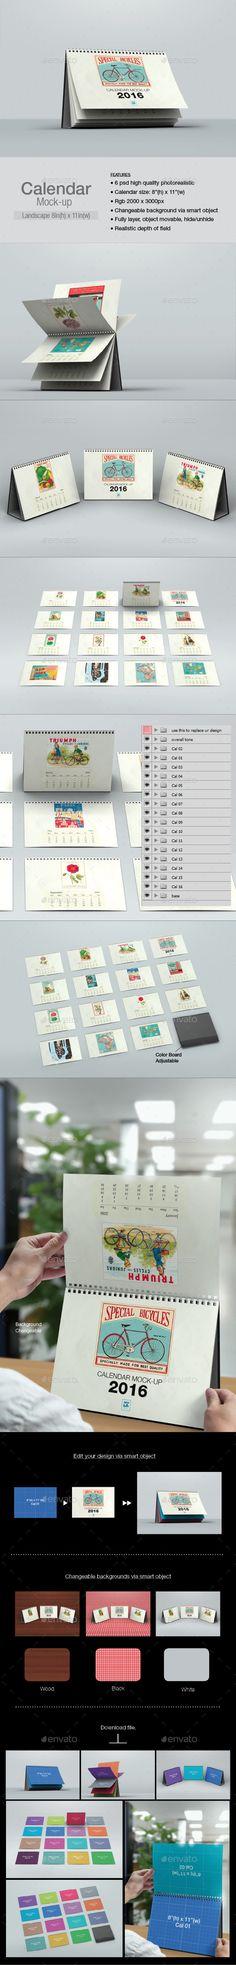 Calendar Mock-up Landscape #design Download: http://graphicriver.net/item/calendar-mockup-landscape/12902374?ref=ksioks